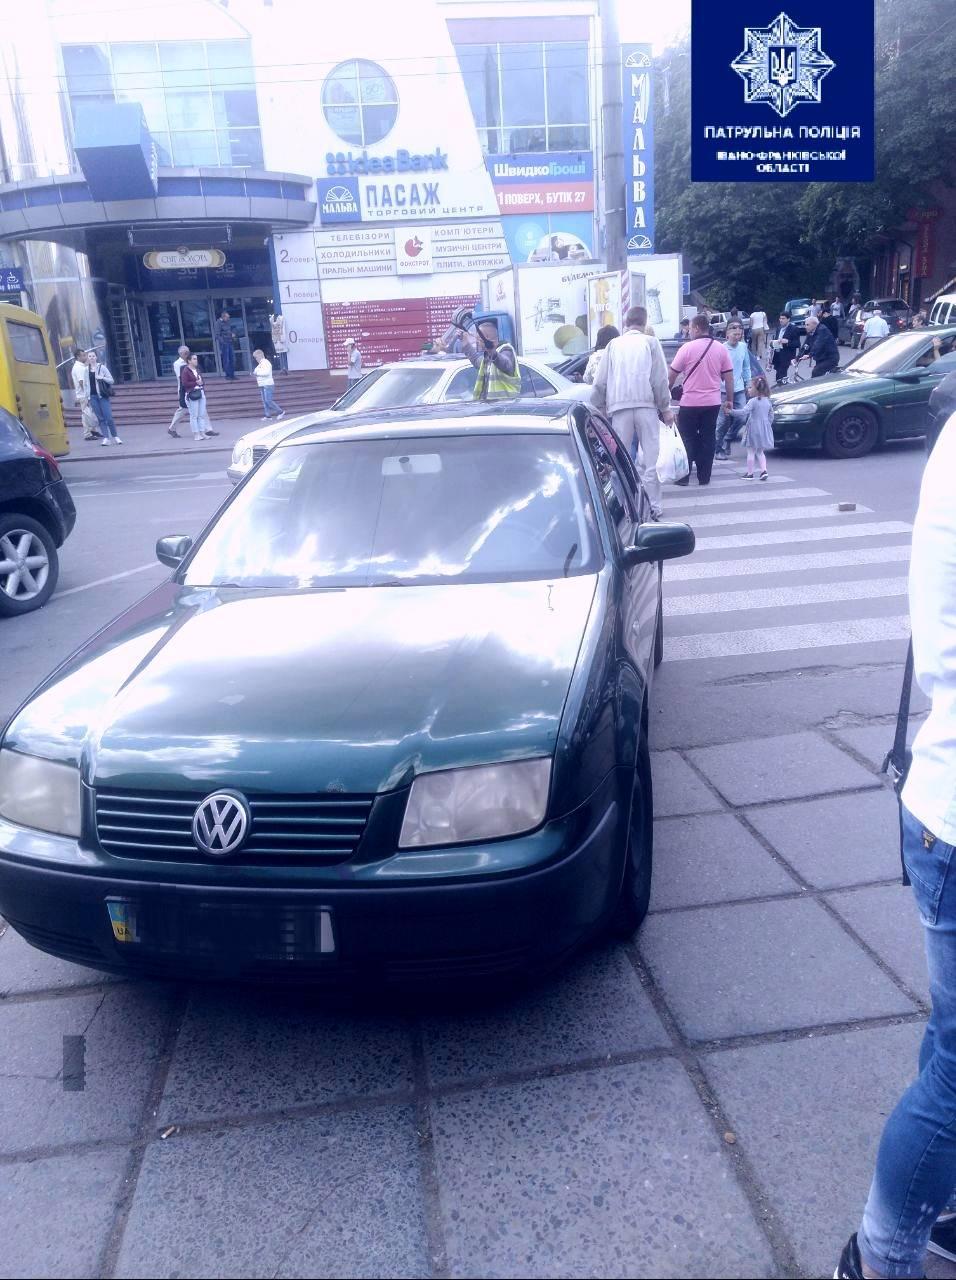 """На Дністровській евакуювали авто, яке водій припаркував на """"зебрі"""" (ФОТОФАКТ)"""